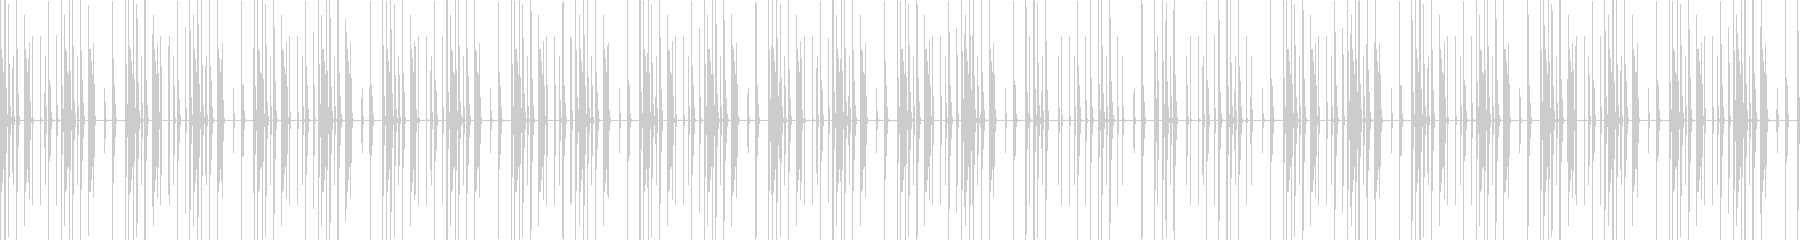 エレクトロニック 無機質なリズムループの未再生の波形